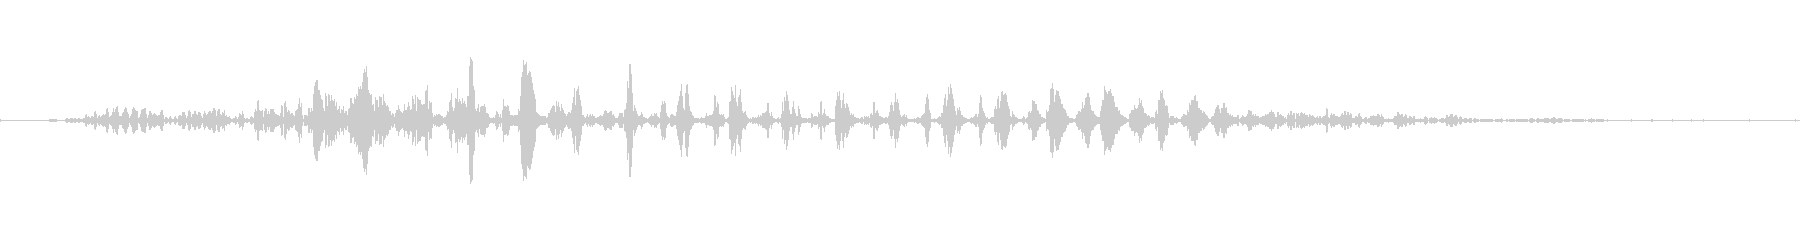 マイナス効果の魔法の効果音イメージ3の未再生の波形